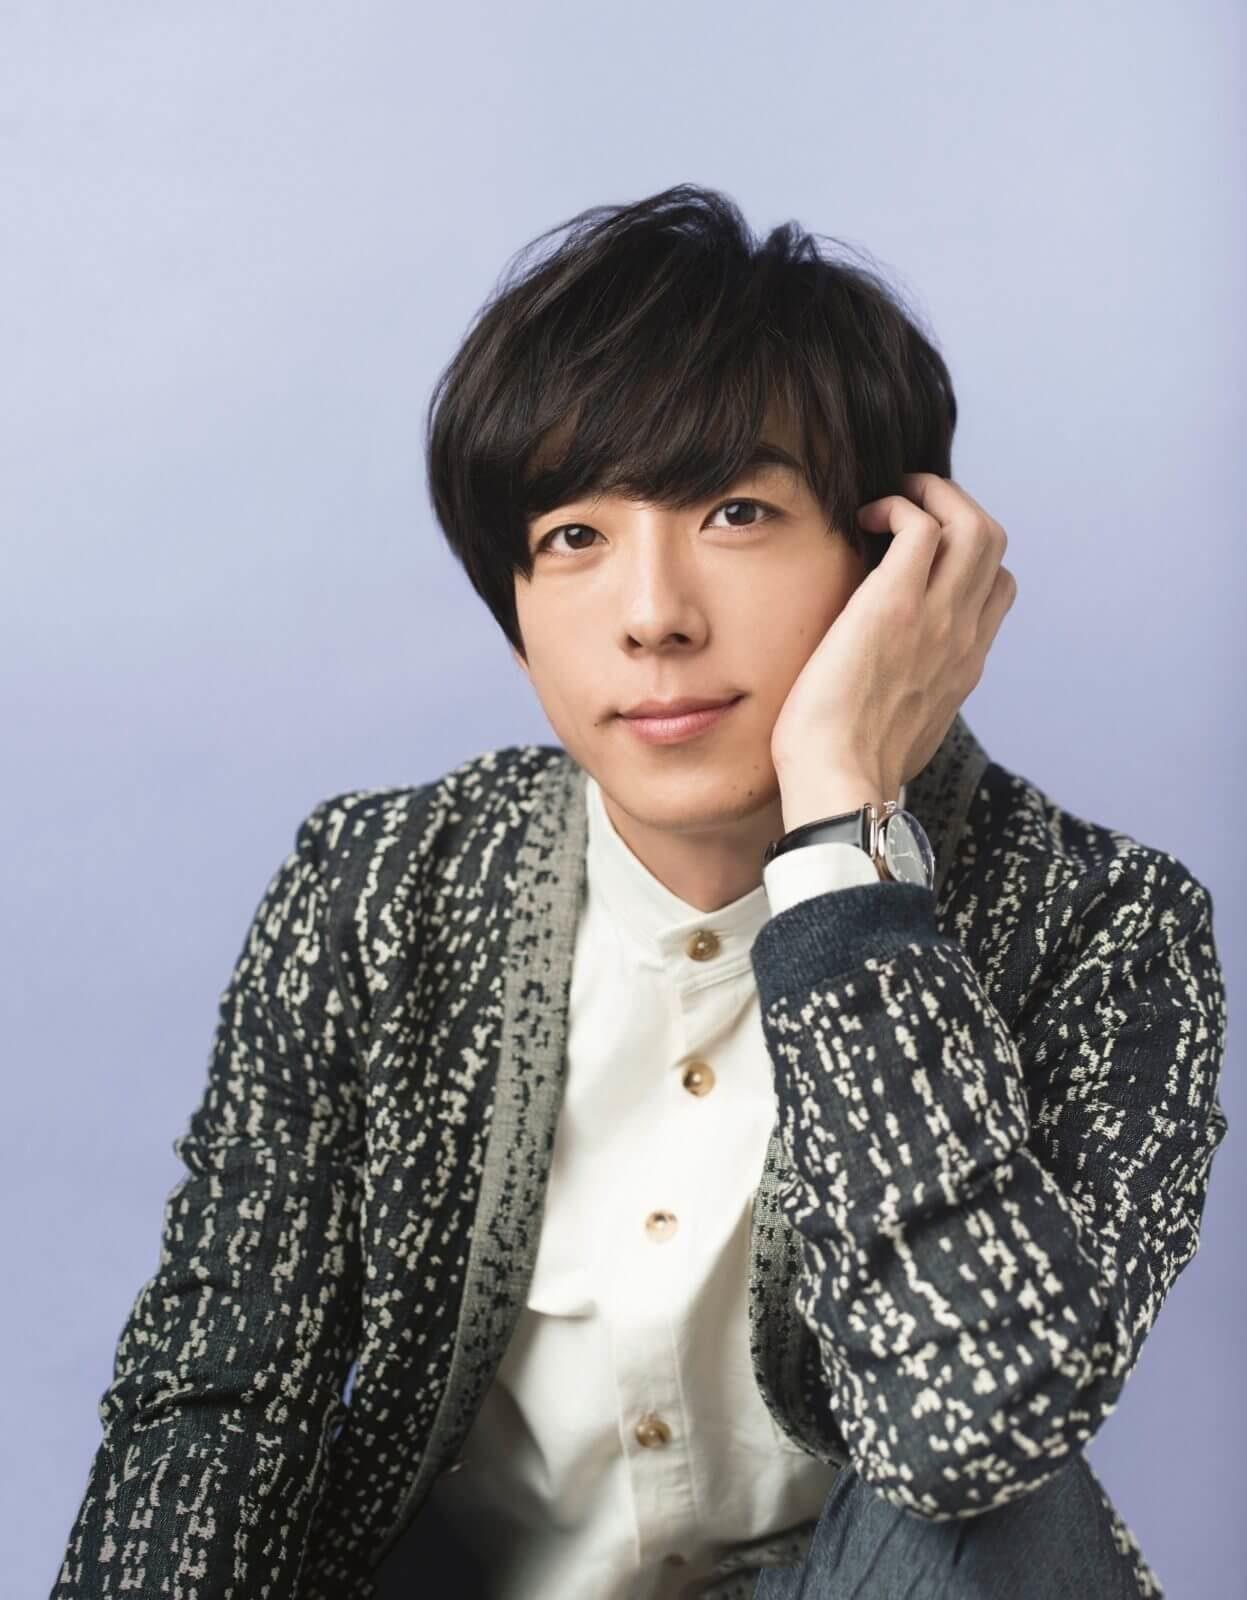 高橋一生が明かす、瀬戸康史・志尊淳とのエピソードに「癒し系3兄弟」と反響